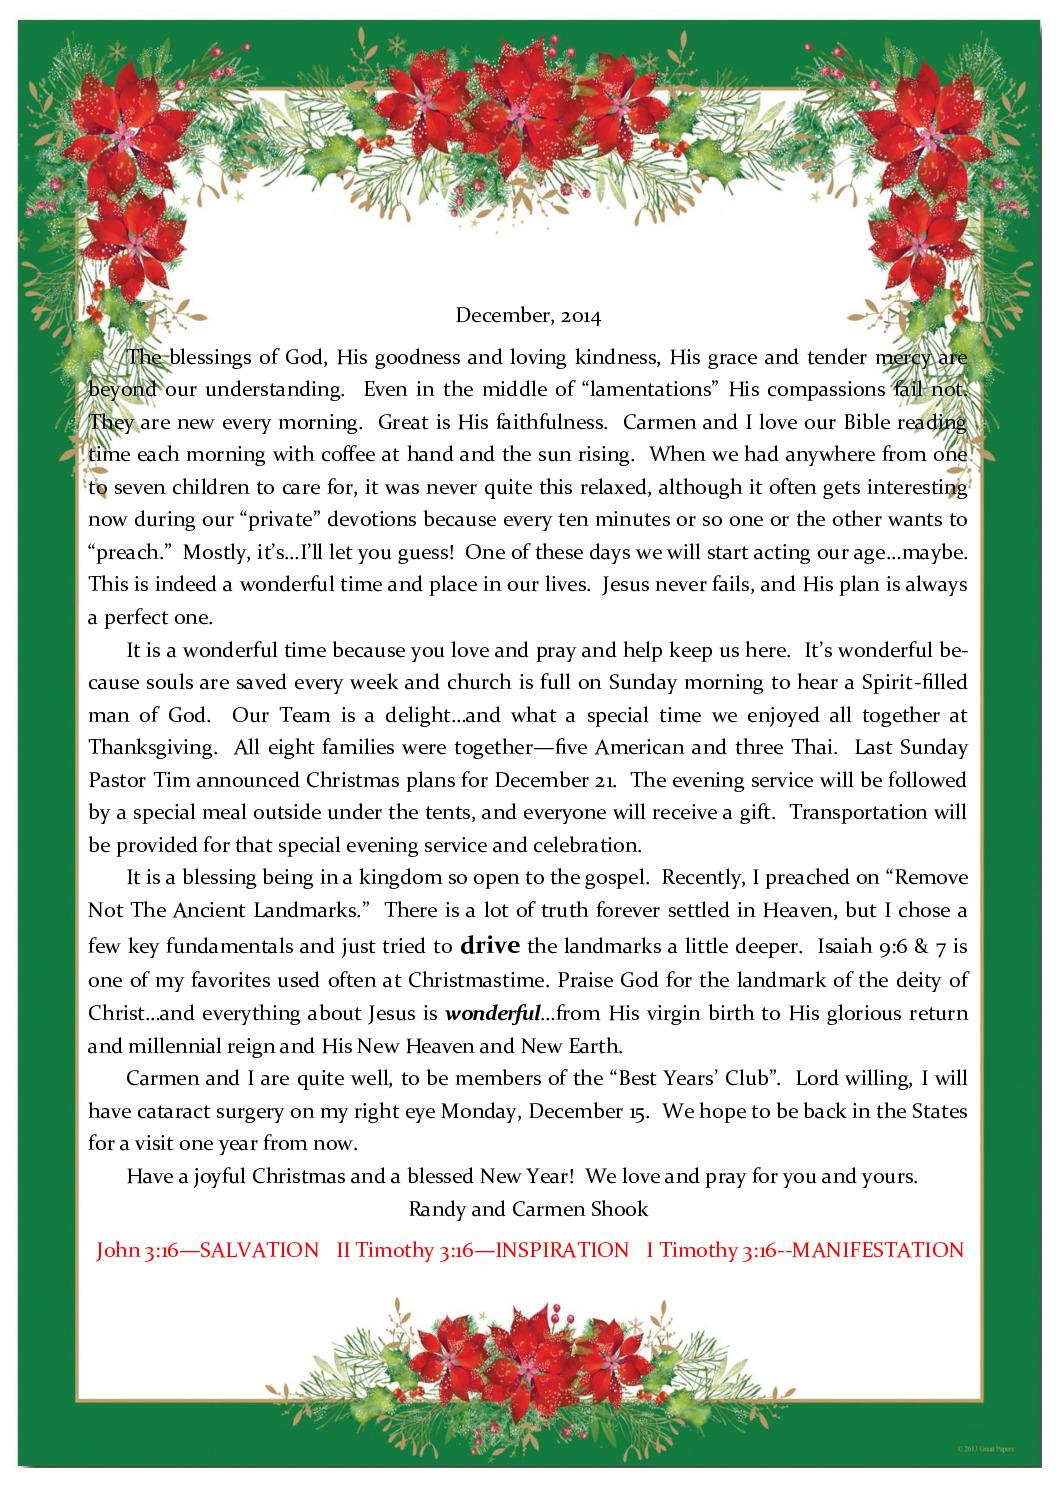 thumbnail of Randy Shook December 2014 Prayer Letter